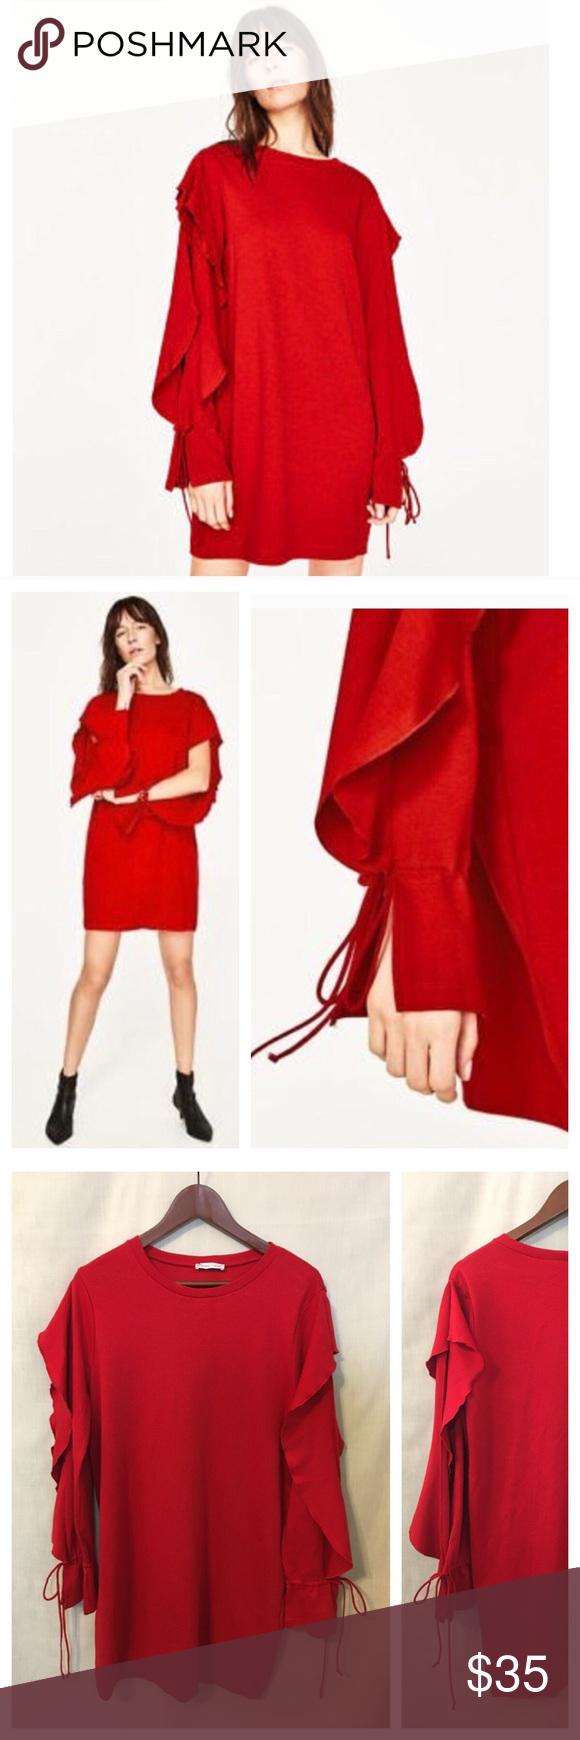 Zara red open ruffle long sleeve knit dress large in my posh